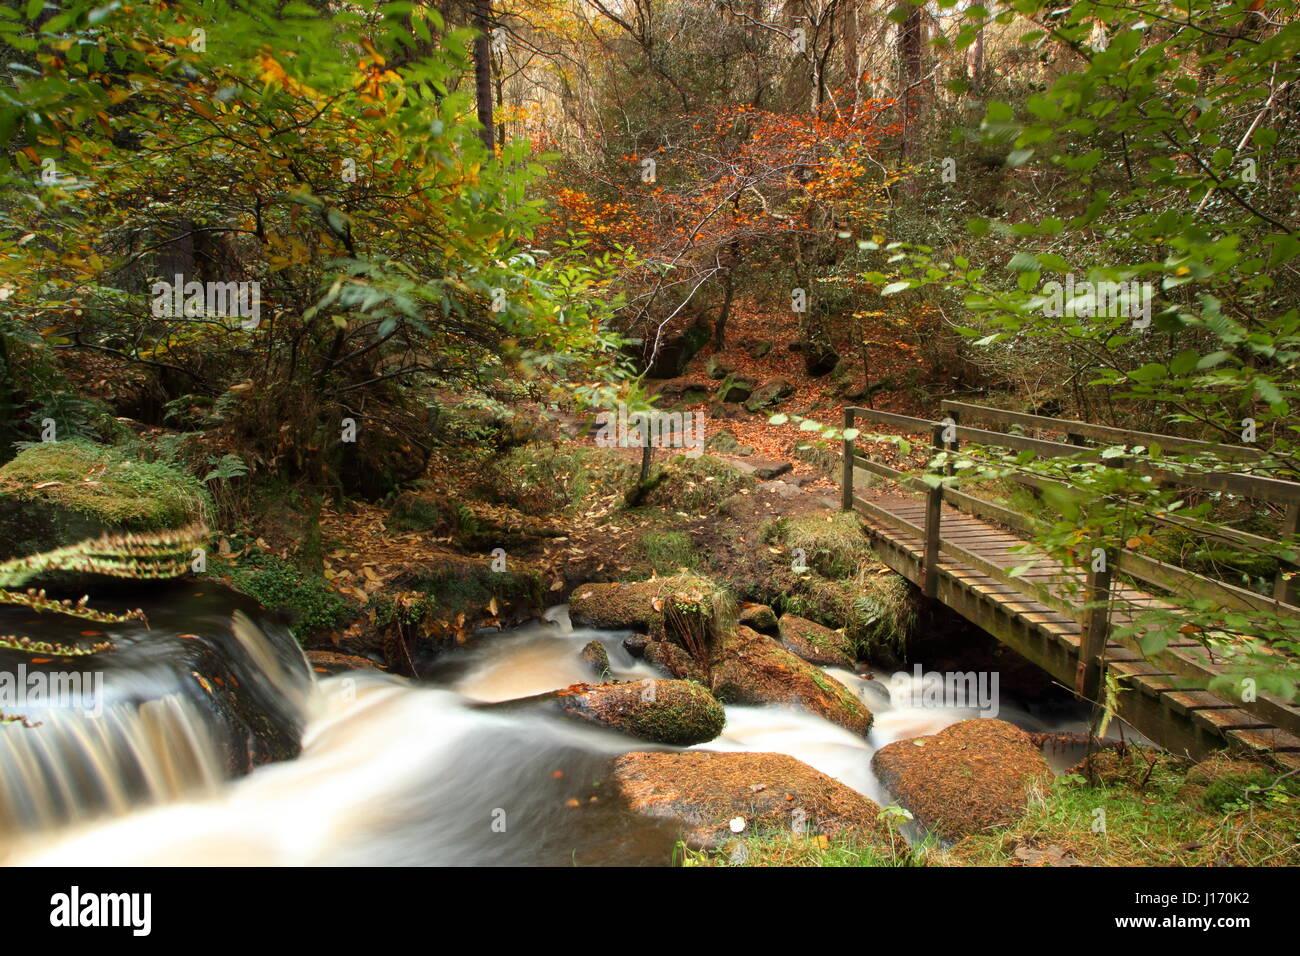 Superbe feuillage de l'automne dans la forêt dans la magnifique réserve naturelle du ruisseau Wyming Photo Stock